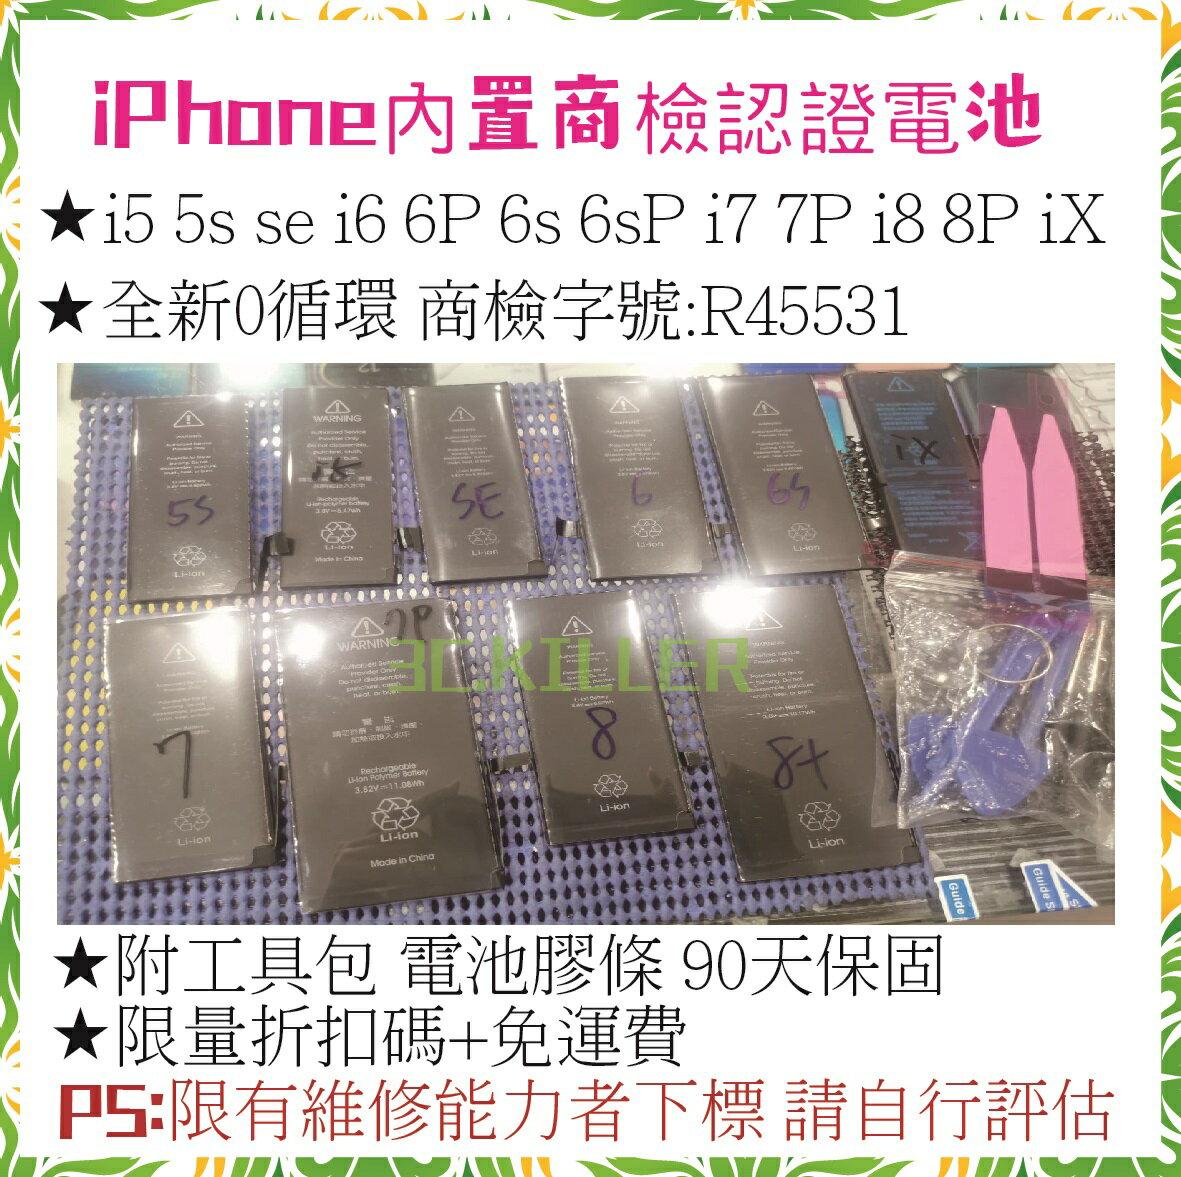 iPhone電池 商檢認證 R45531 BSMI 0循環 送工具+電池背膠 i5 i6 i7 i8 ix